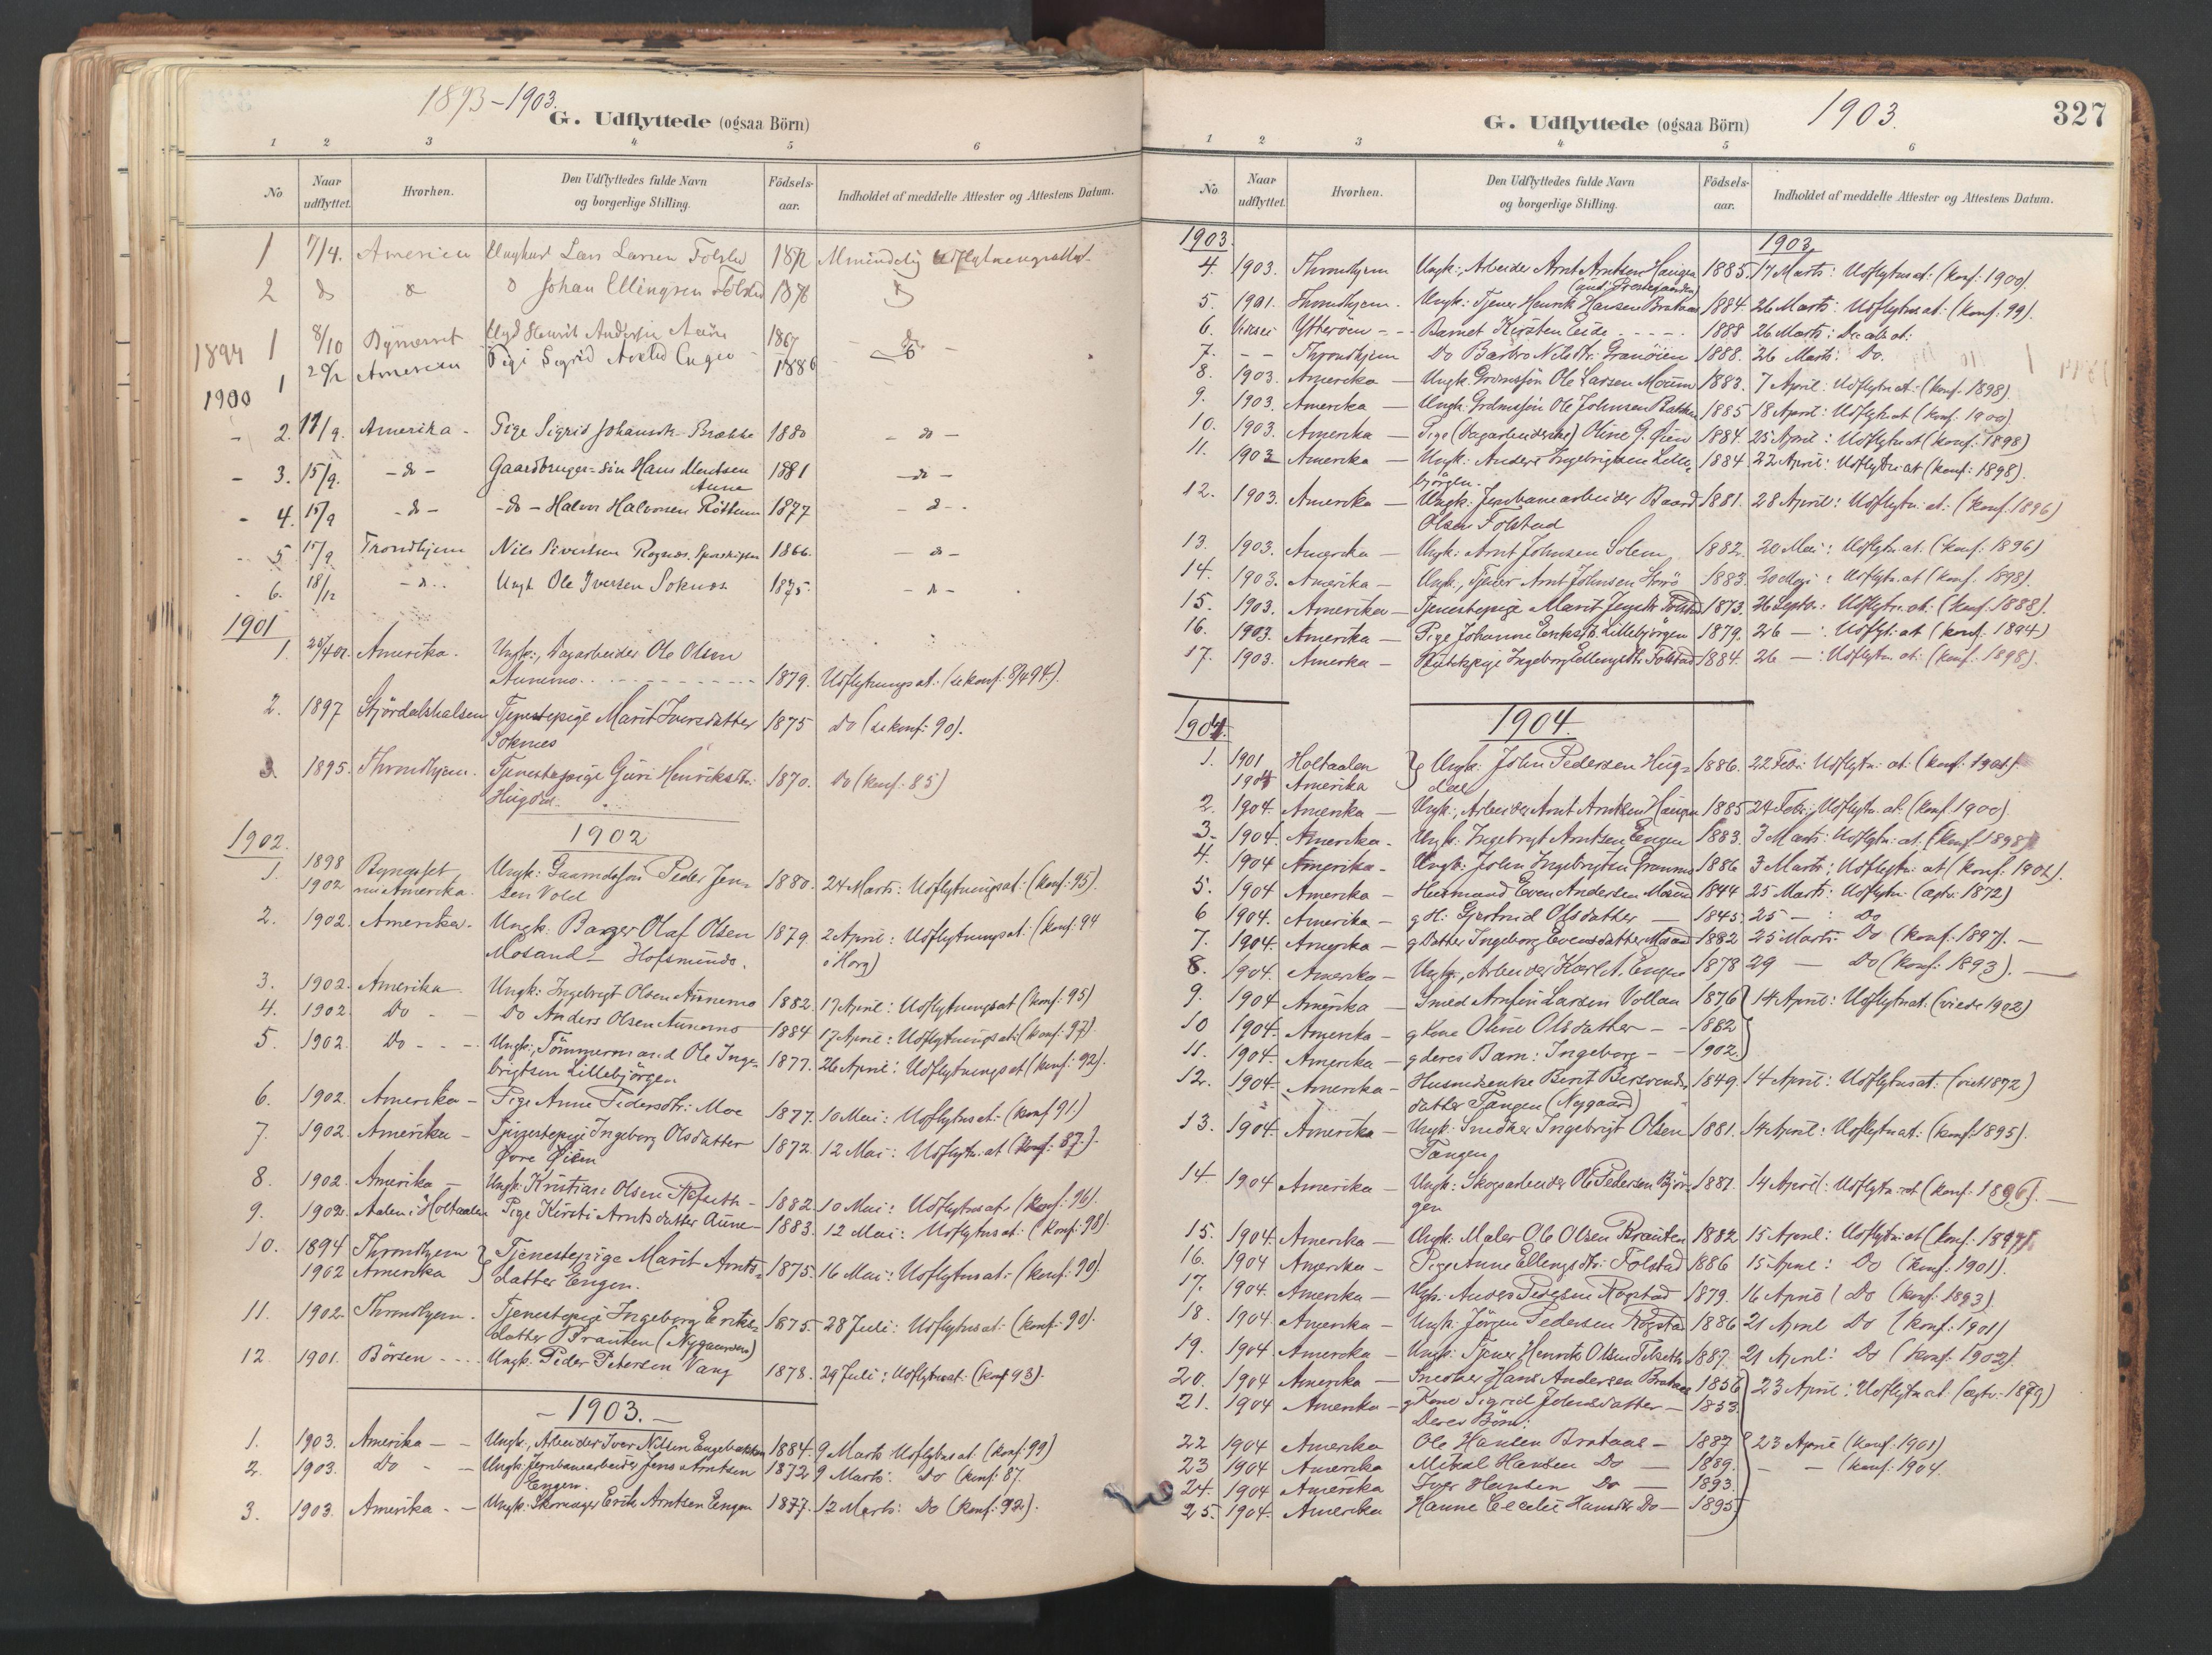 SAT, Ministerialprotokoller, klokkerbøker og fødselsregistre - Sør-Trøndelag, 687/L1004: Ministerialbok nr. 687A10, 1891-1923, s. 327